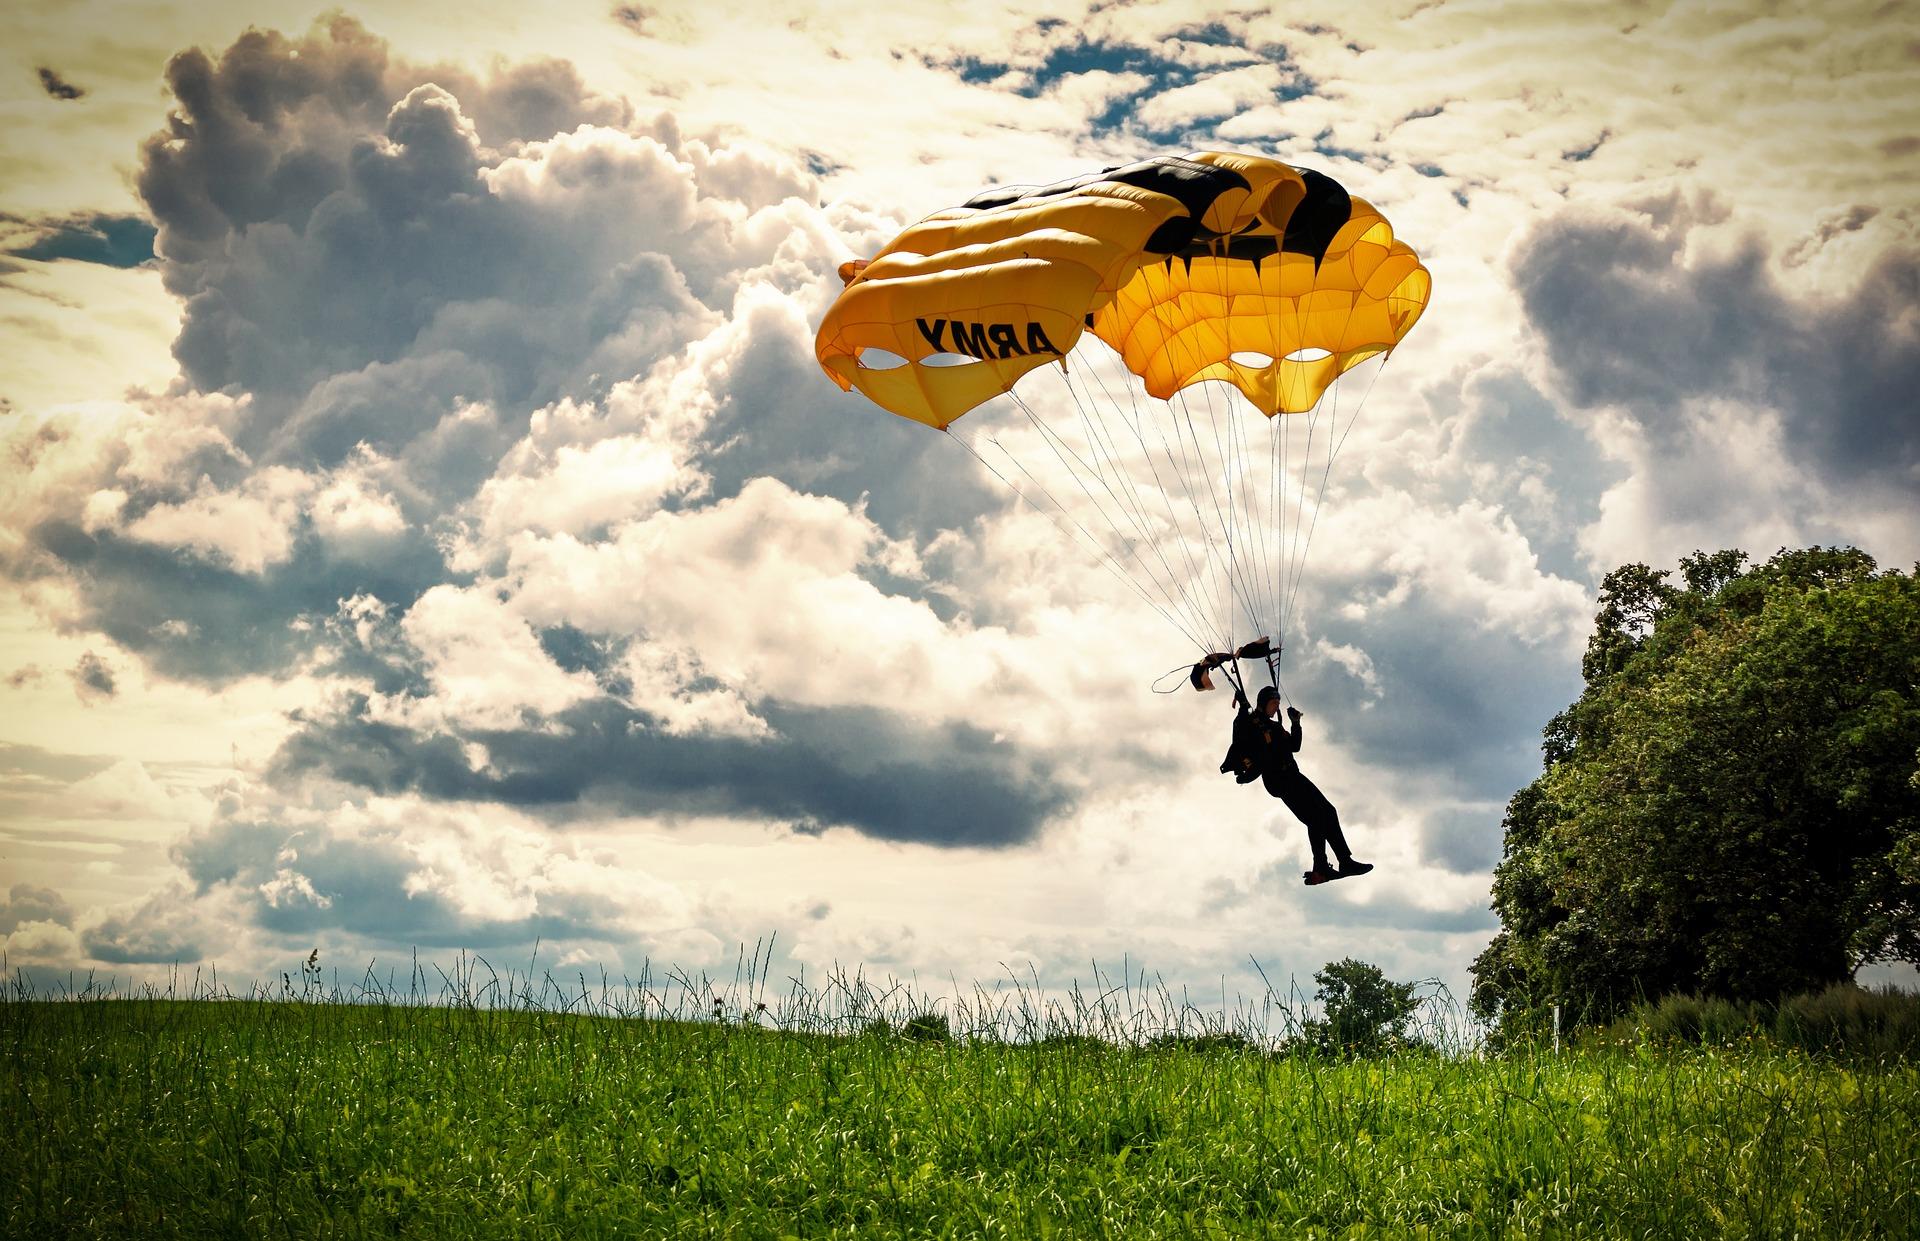 parachute-1921035_1920.jpg